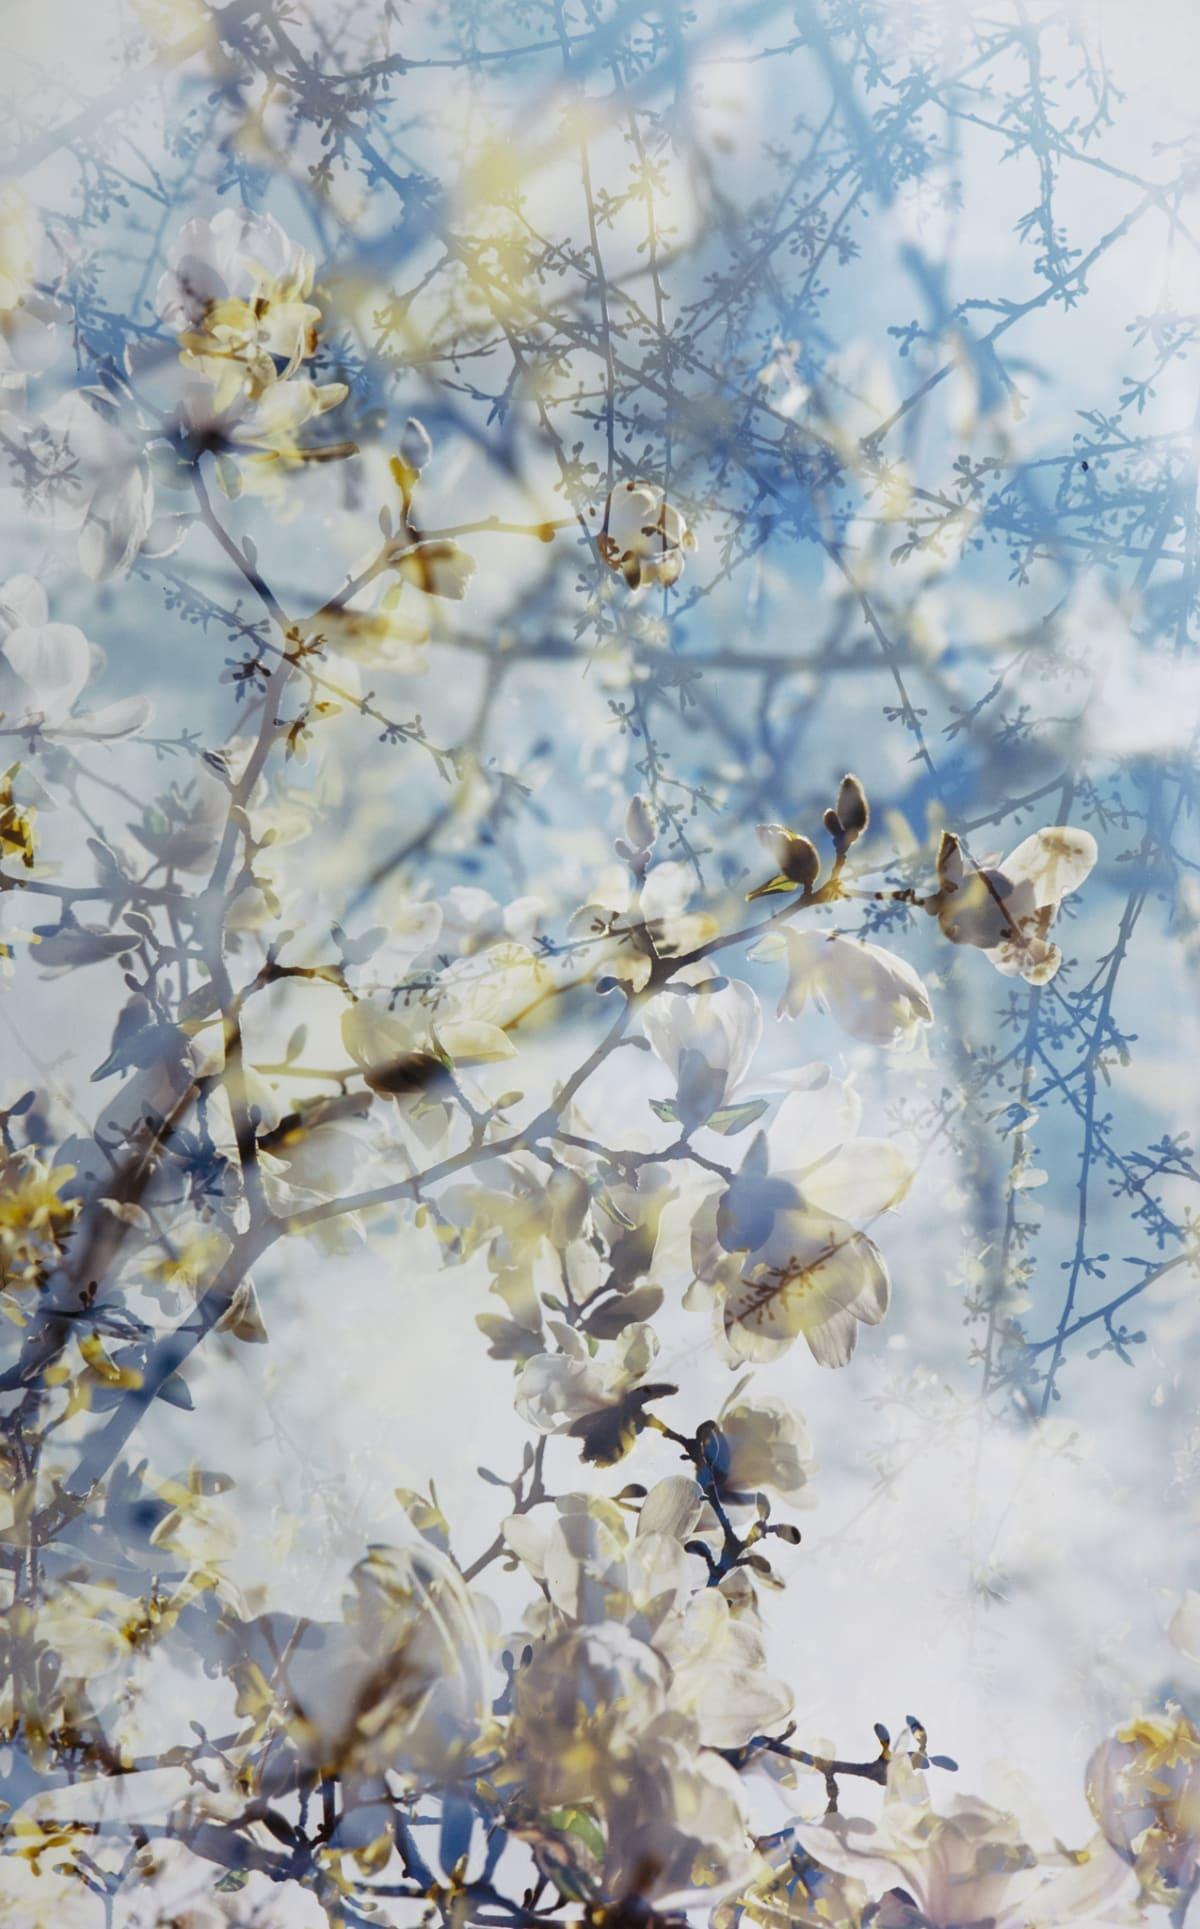 Erle M. Kyllingmark, Untitled Journey #2, 2018